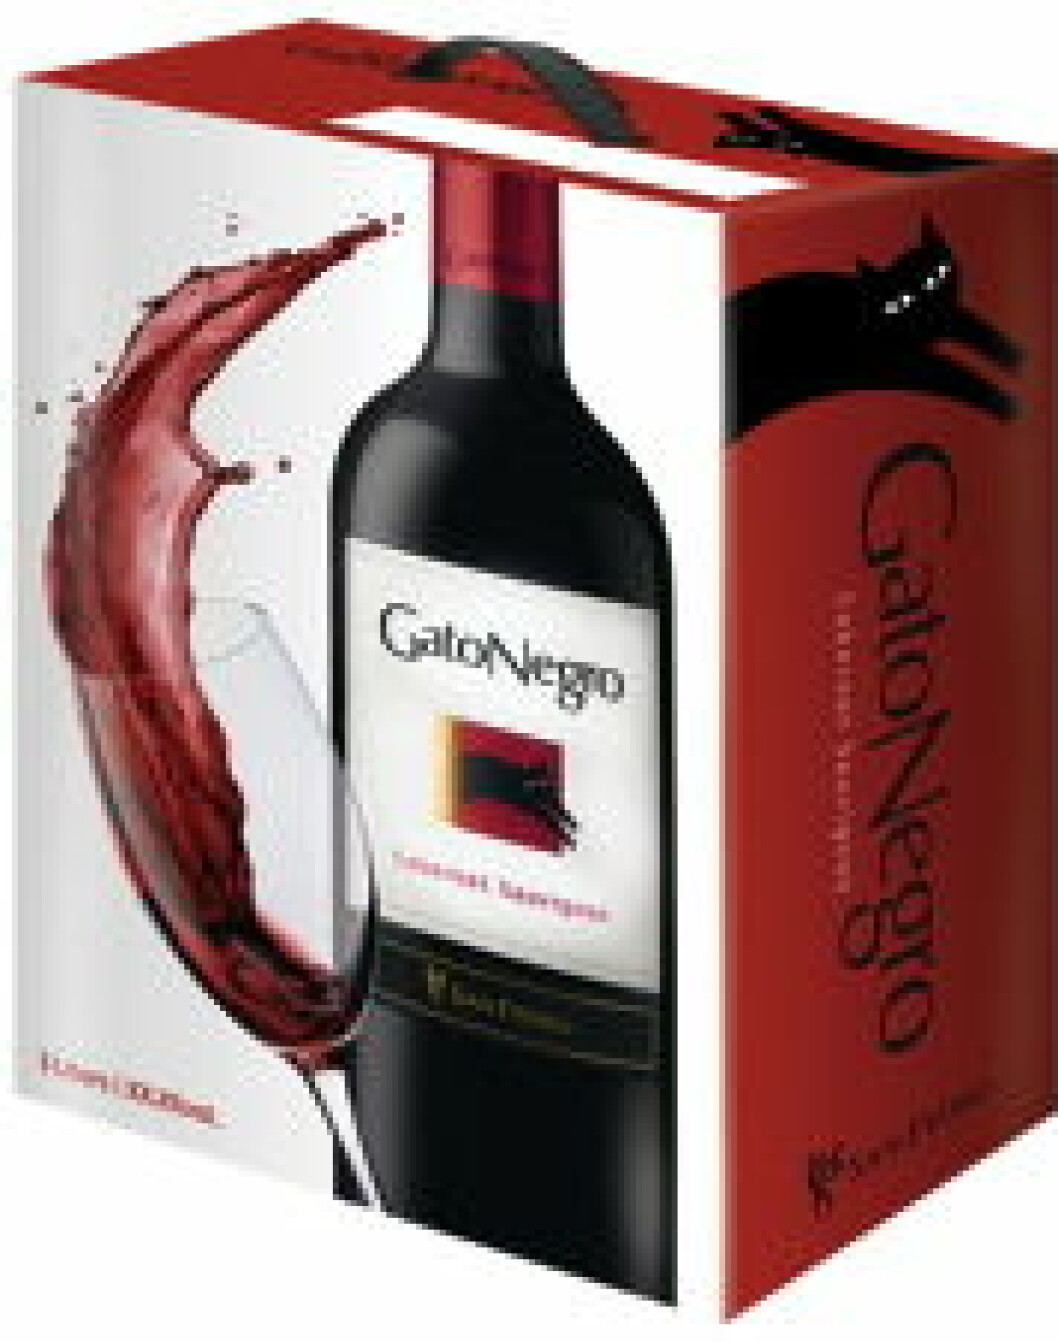 GatoNegro Cabernet Sauvignon BIB NETT